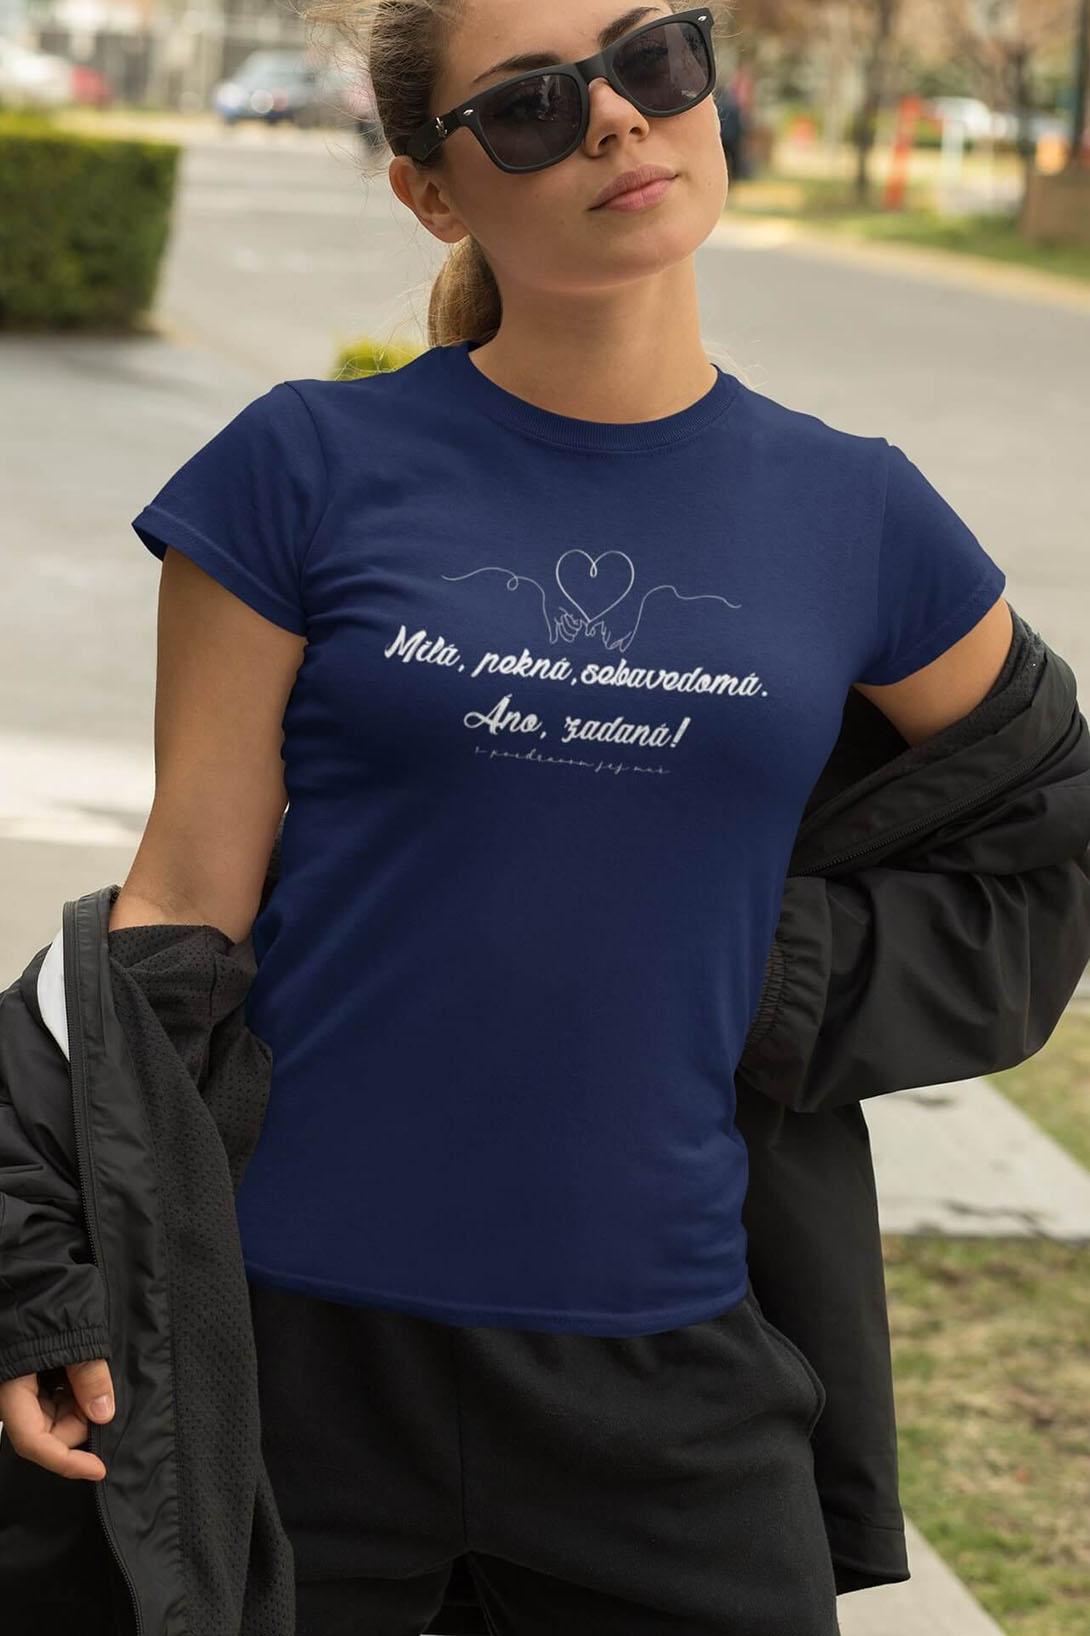 MMO Dámske tričko Milá, pekná, sebavedomá Vyberte farbu: Polnočná modrá, Vyberte veľkosť: M